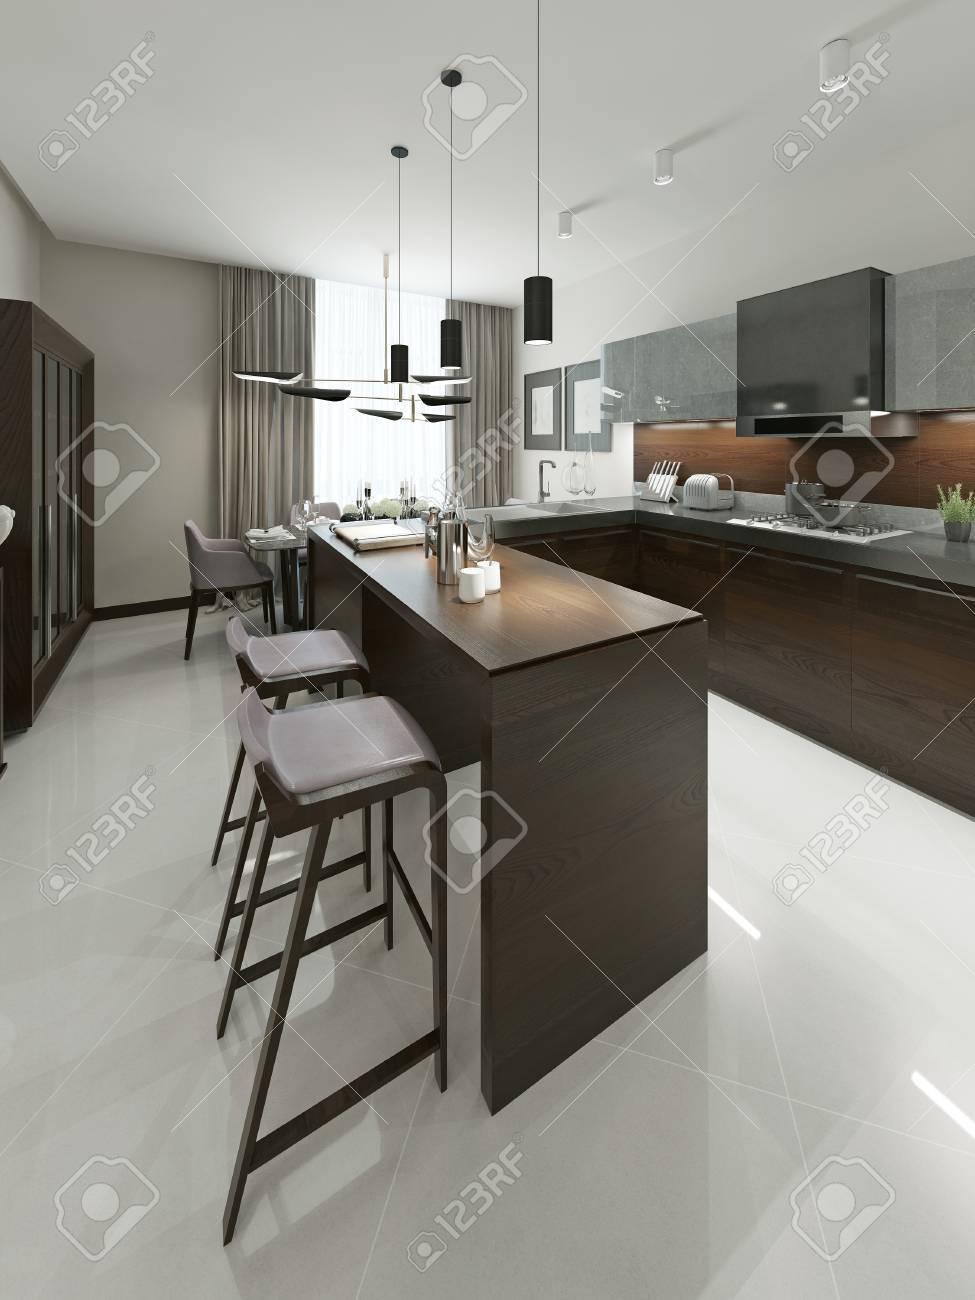 Cocina Interior contemporáneo con bar y taburetes de bar. Muebles de madera  Cocina con insertos metálicos en tonos marrones y grises. 3d.